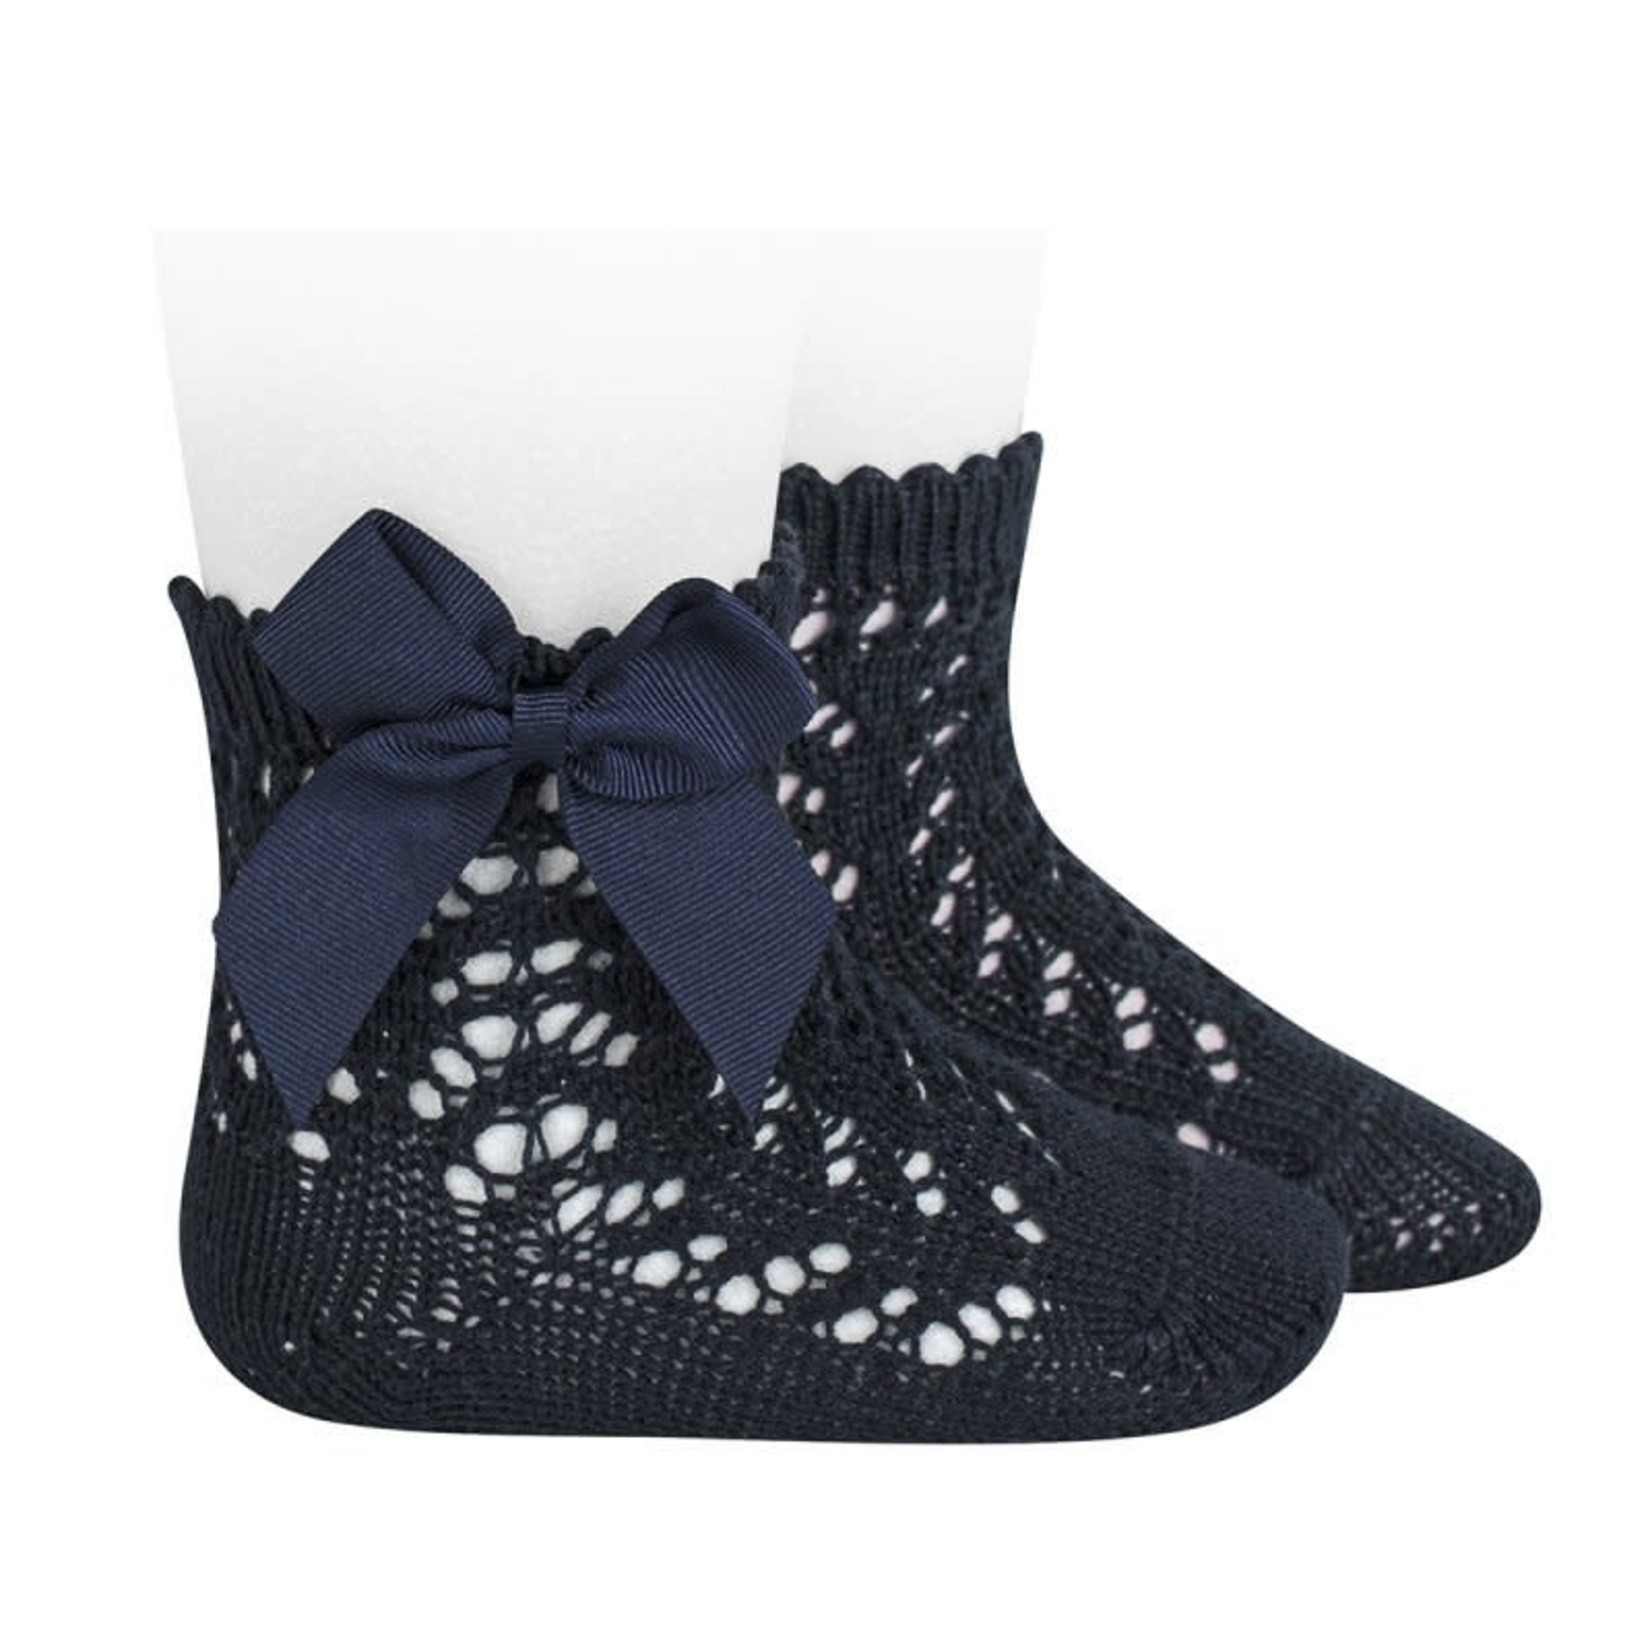 Condor Socks Open w/Bow - Navy